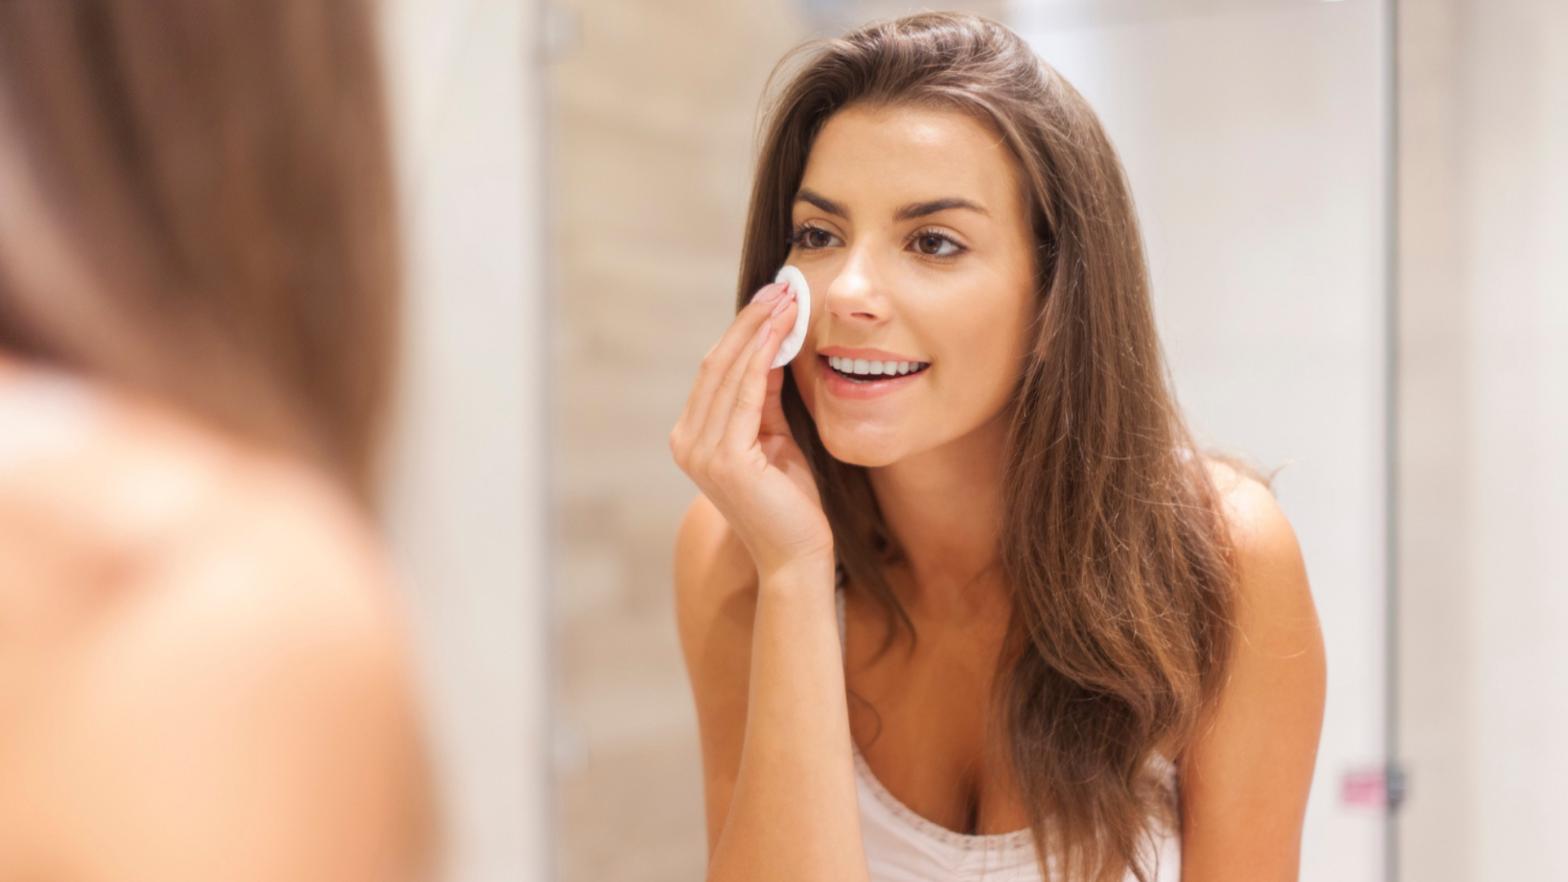 esponja-de-limpeza-facial-beneficios-minuto-saudavel